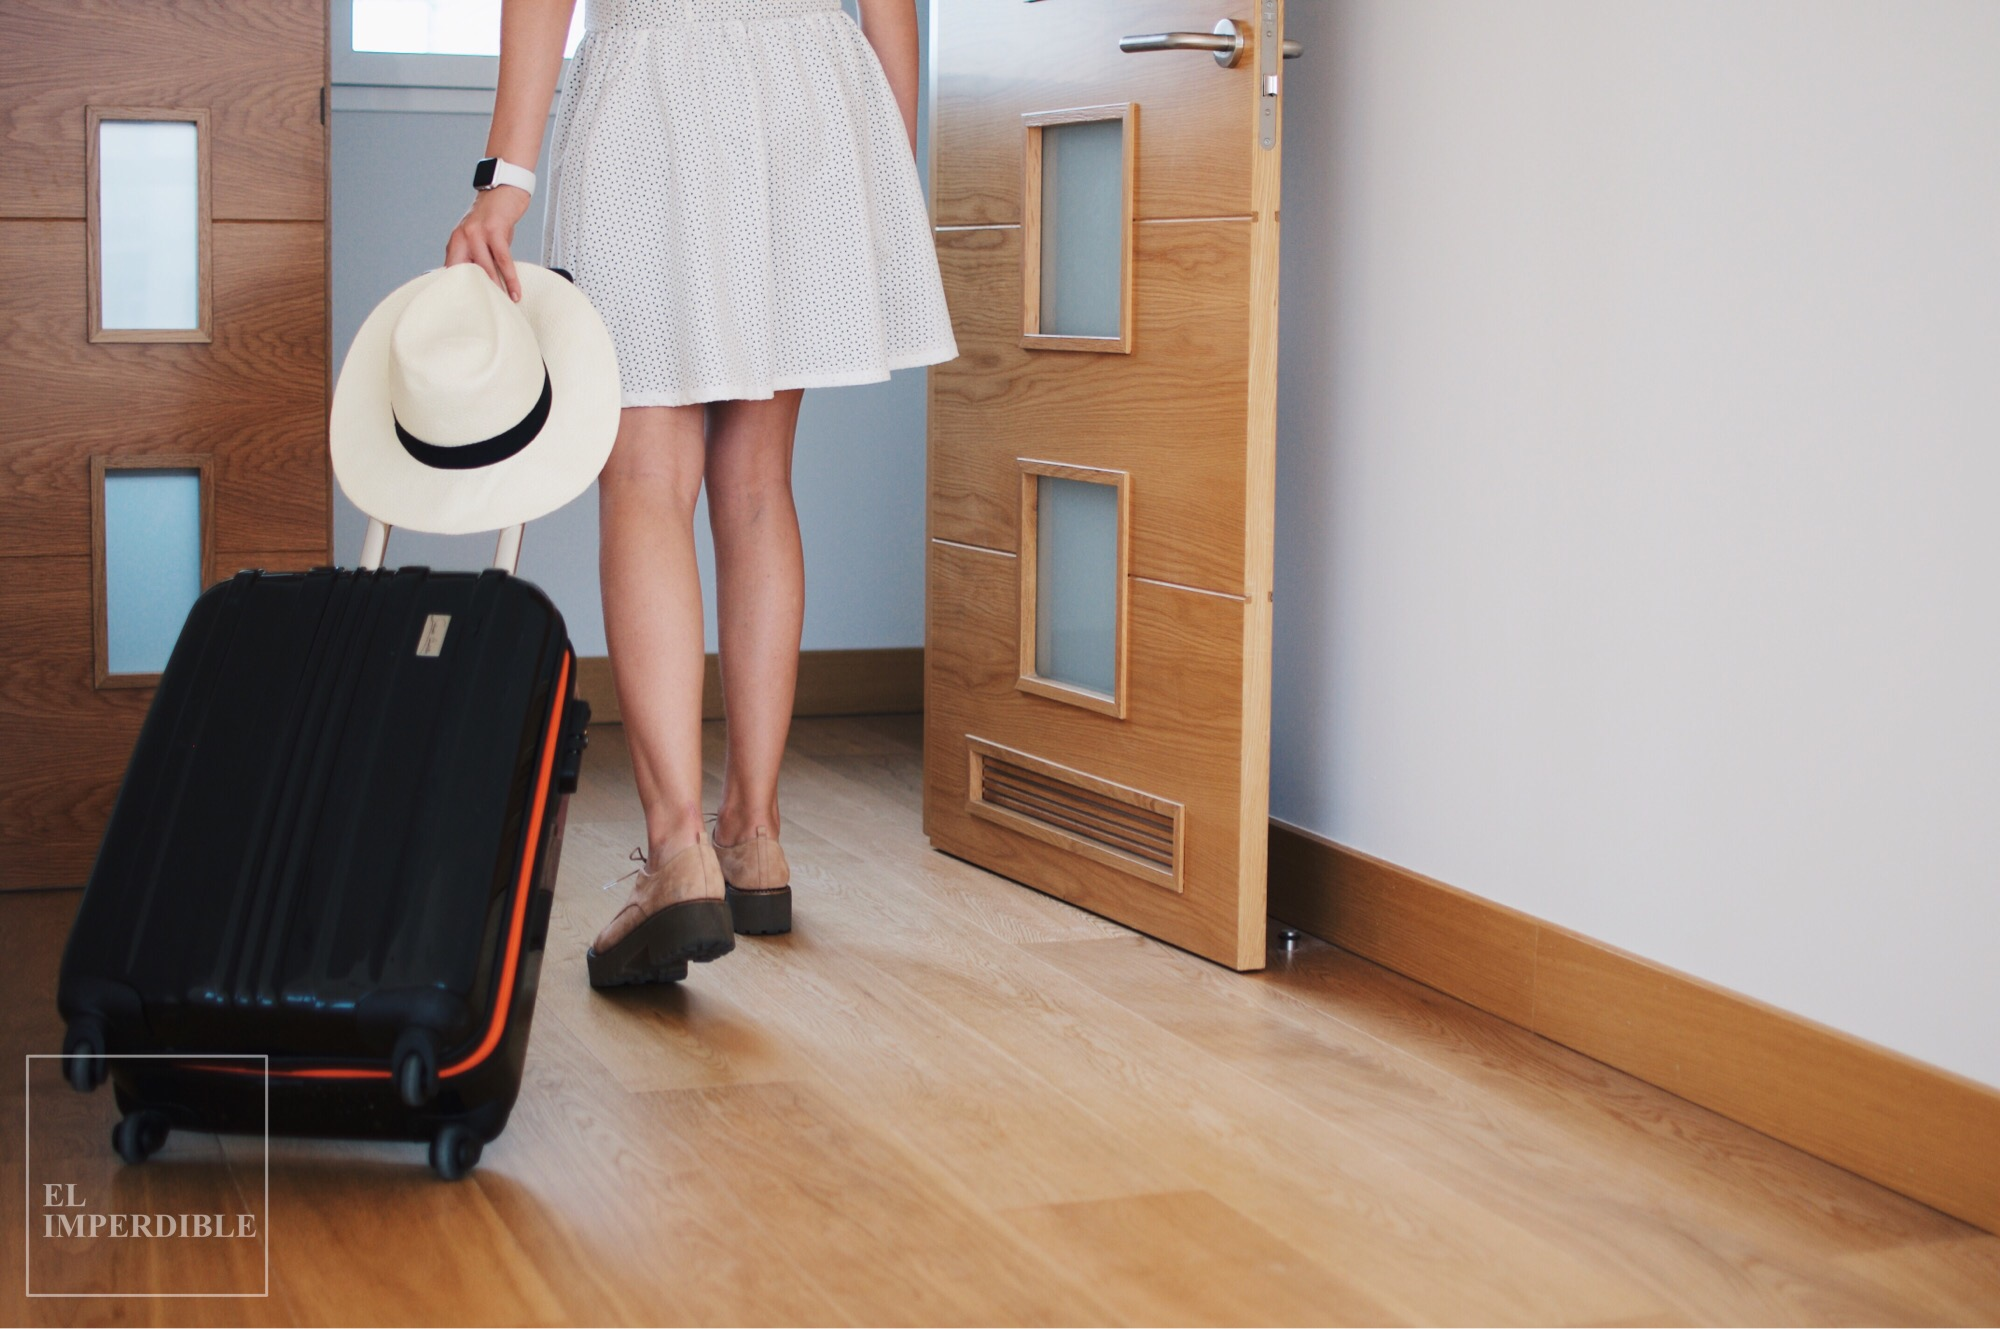 Cómo hacer la maleta perfecta: 5 trucos para que te entre todo